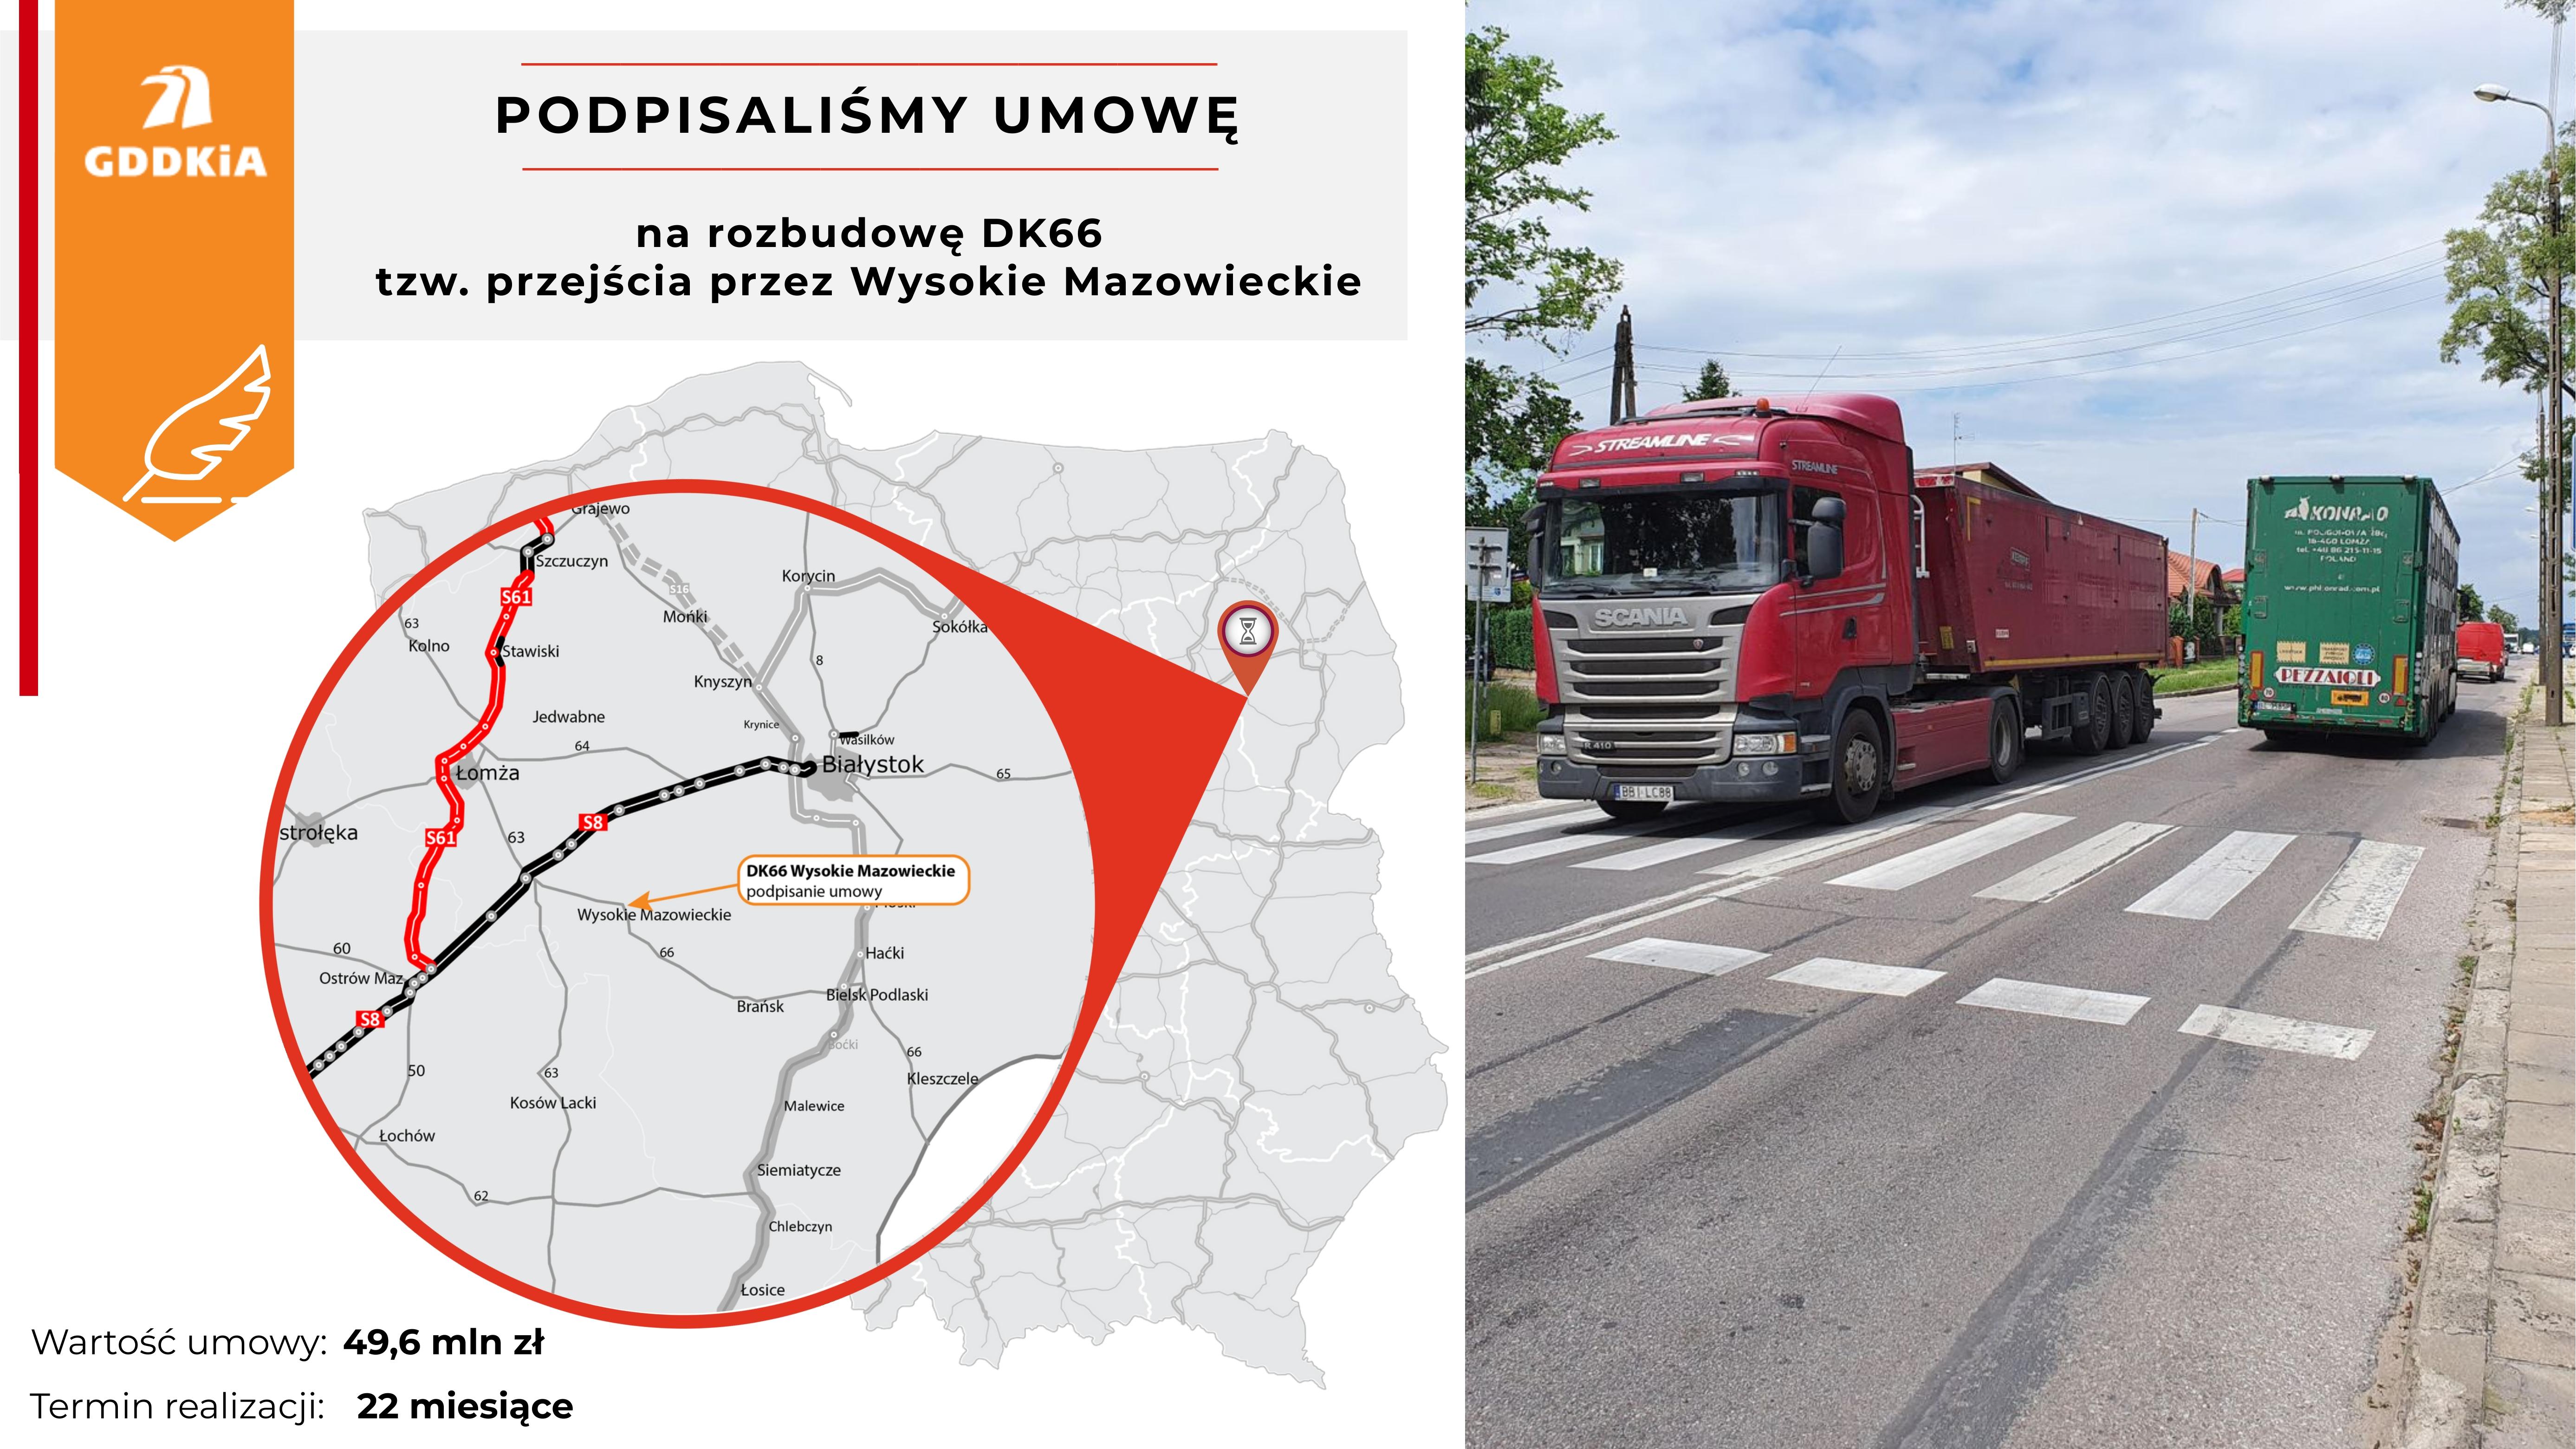 Wysokie-Mazowieckie-Podpisane-umowy-2020-r.jpg